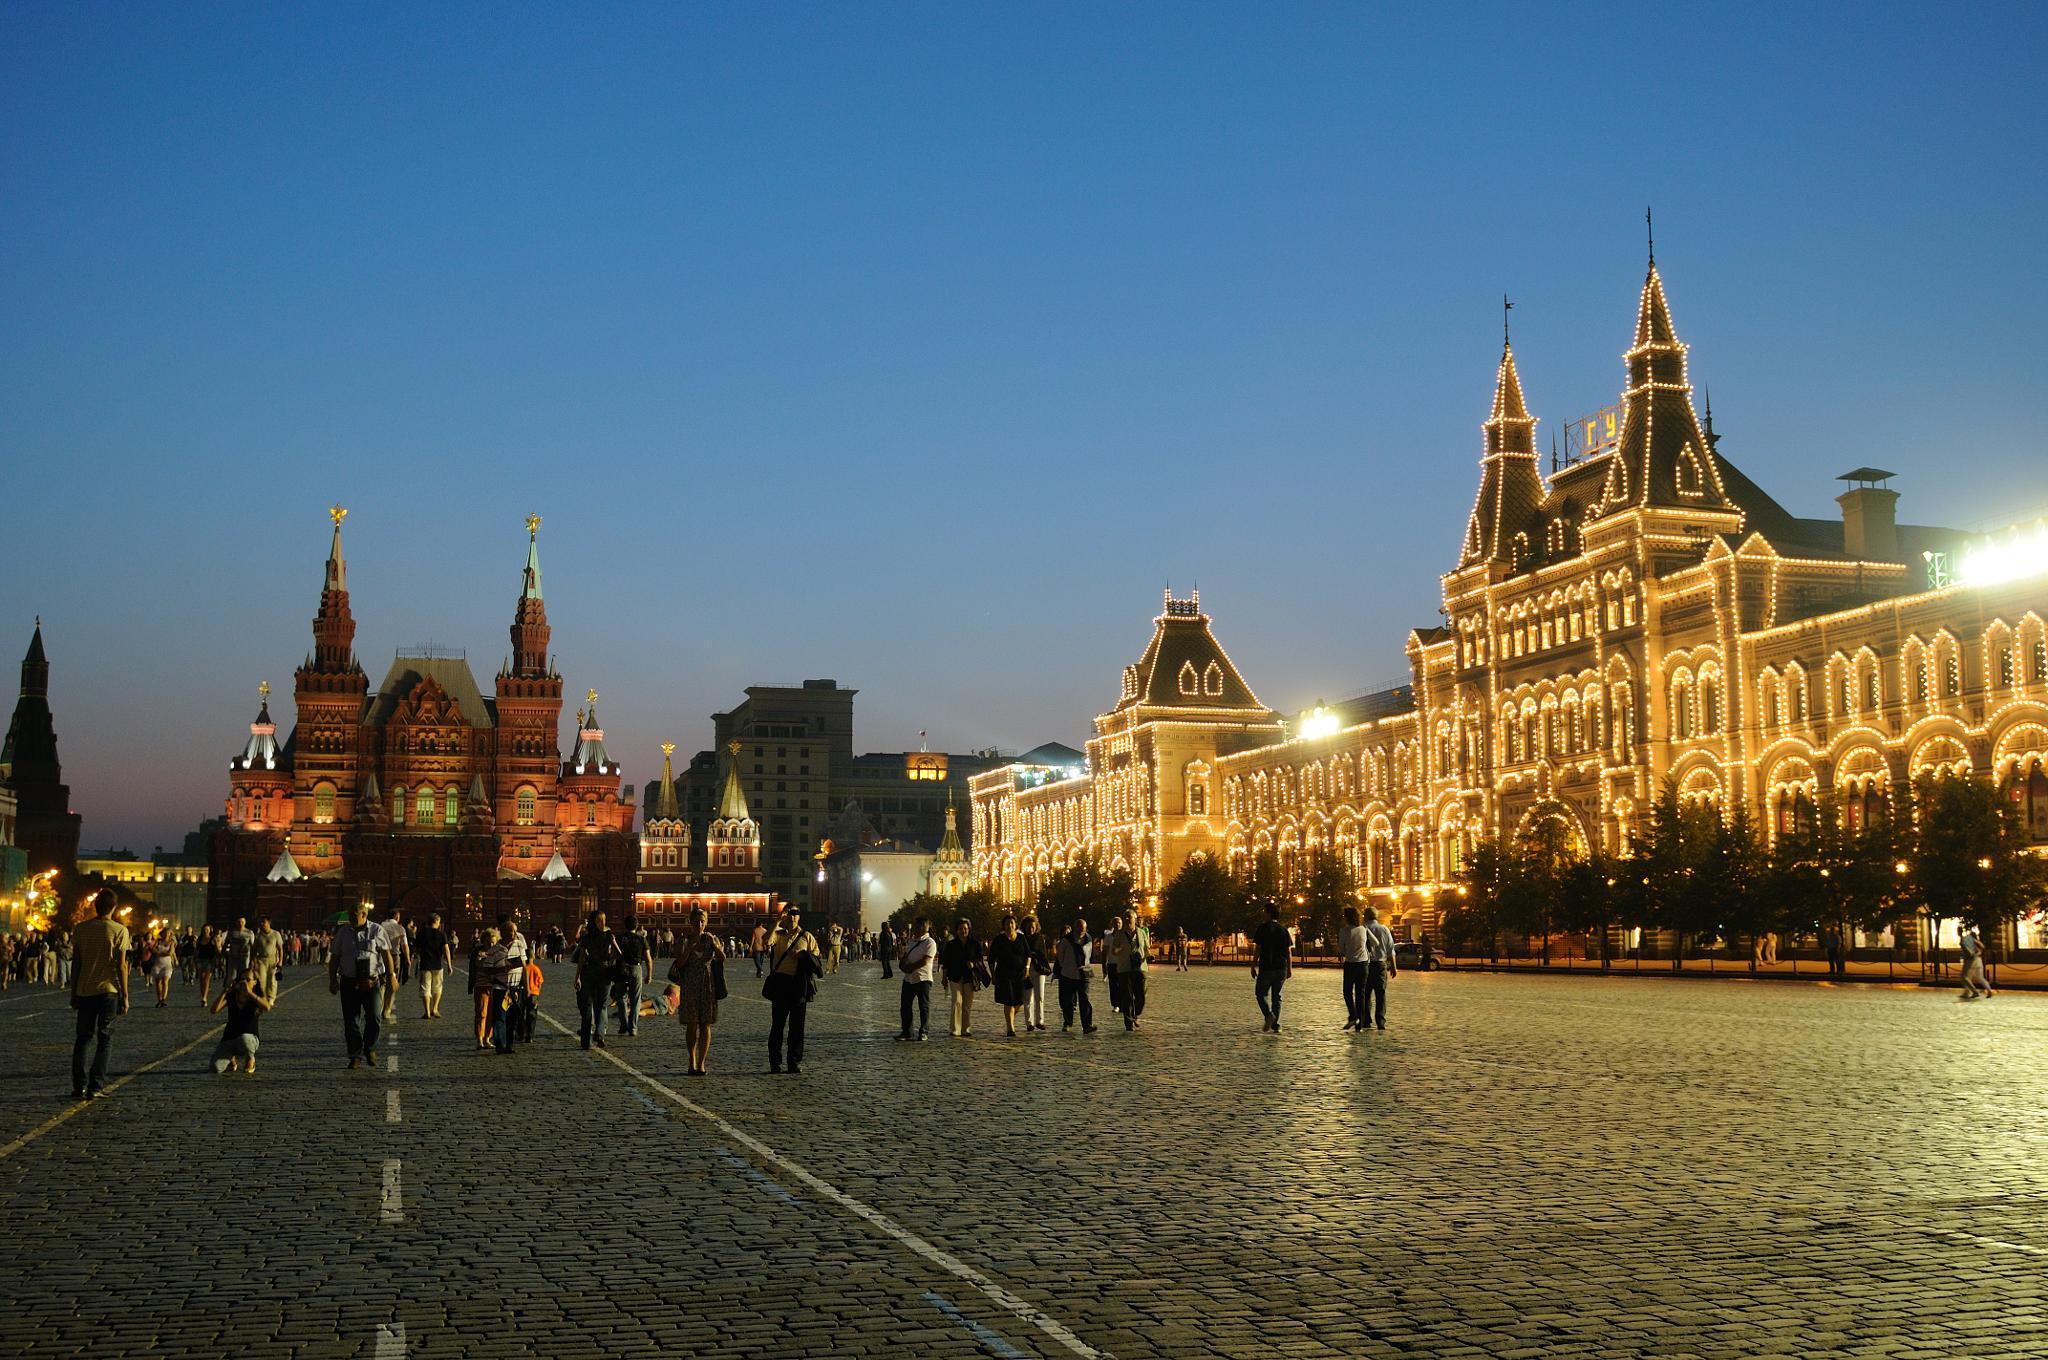 Red Square by Zhenya Rozinskiy